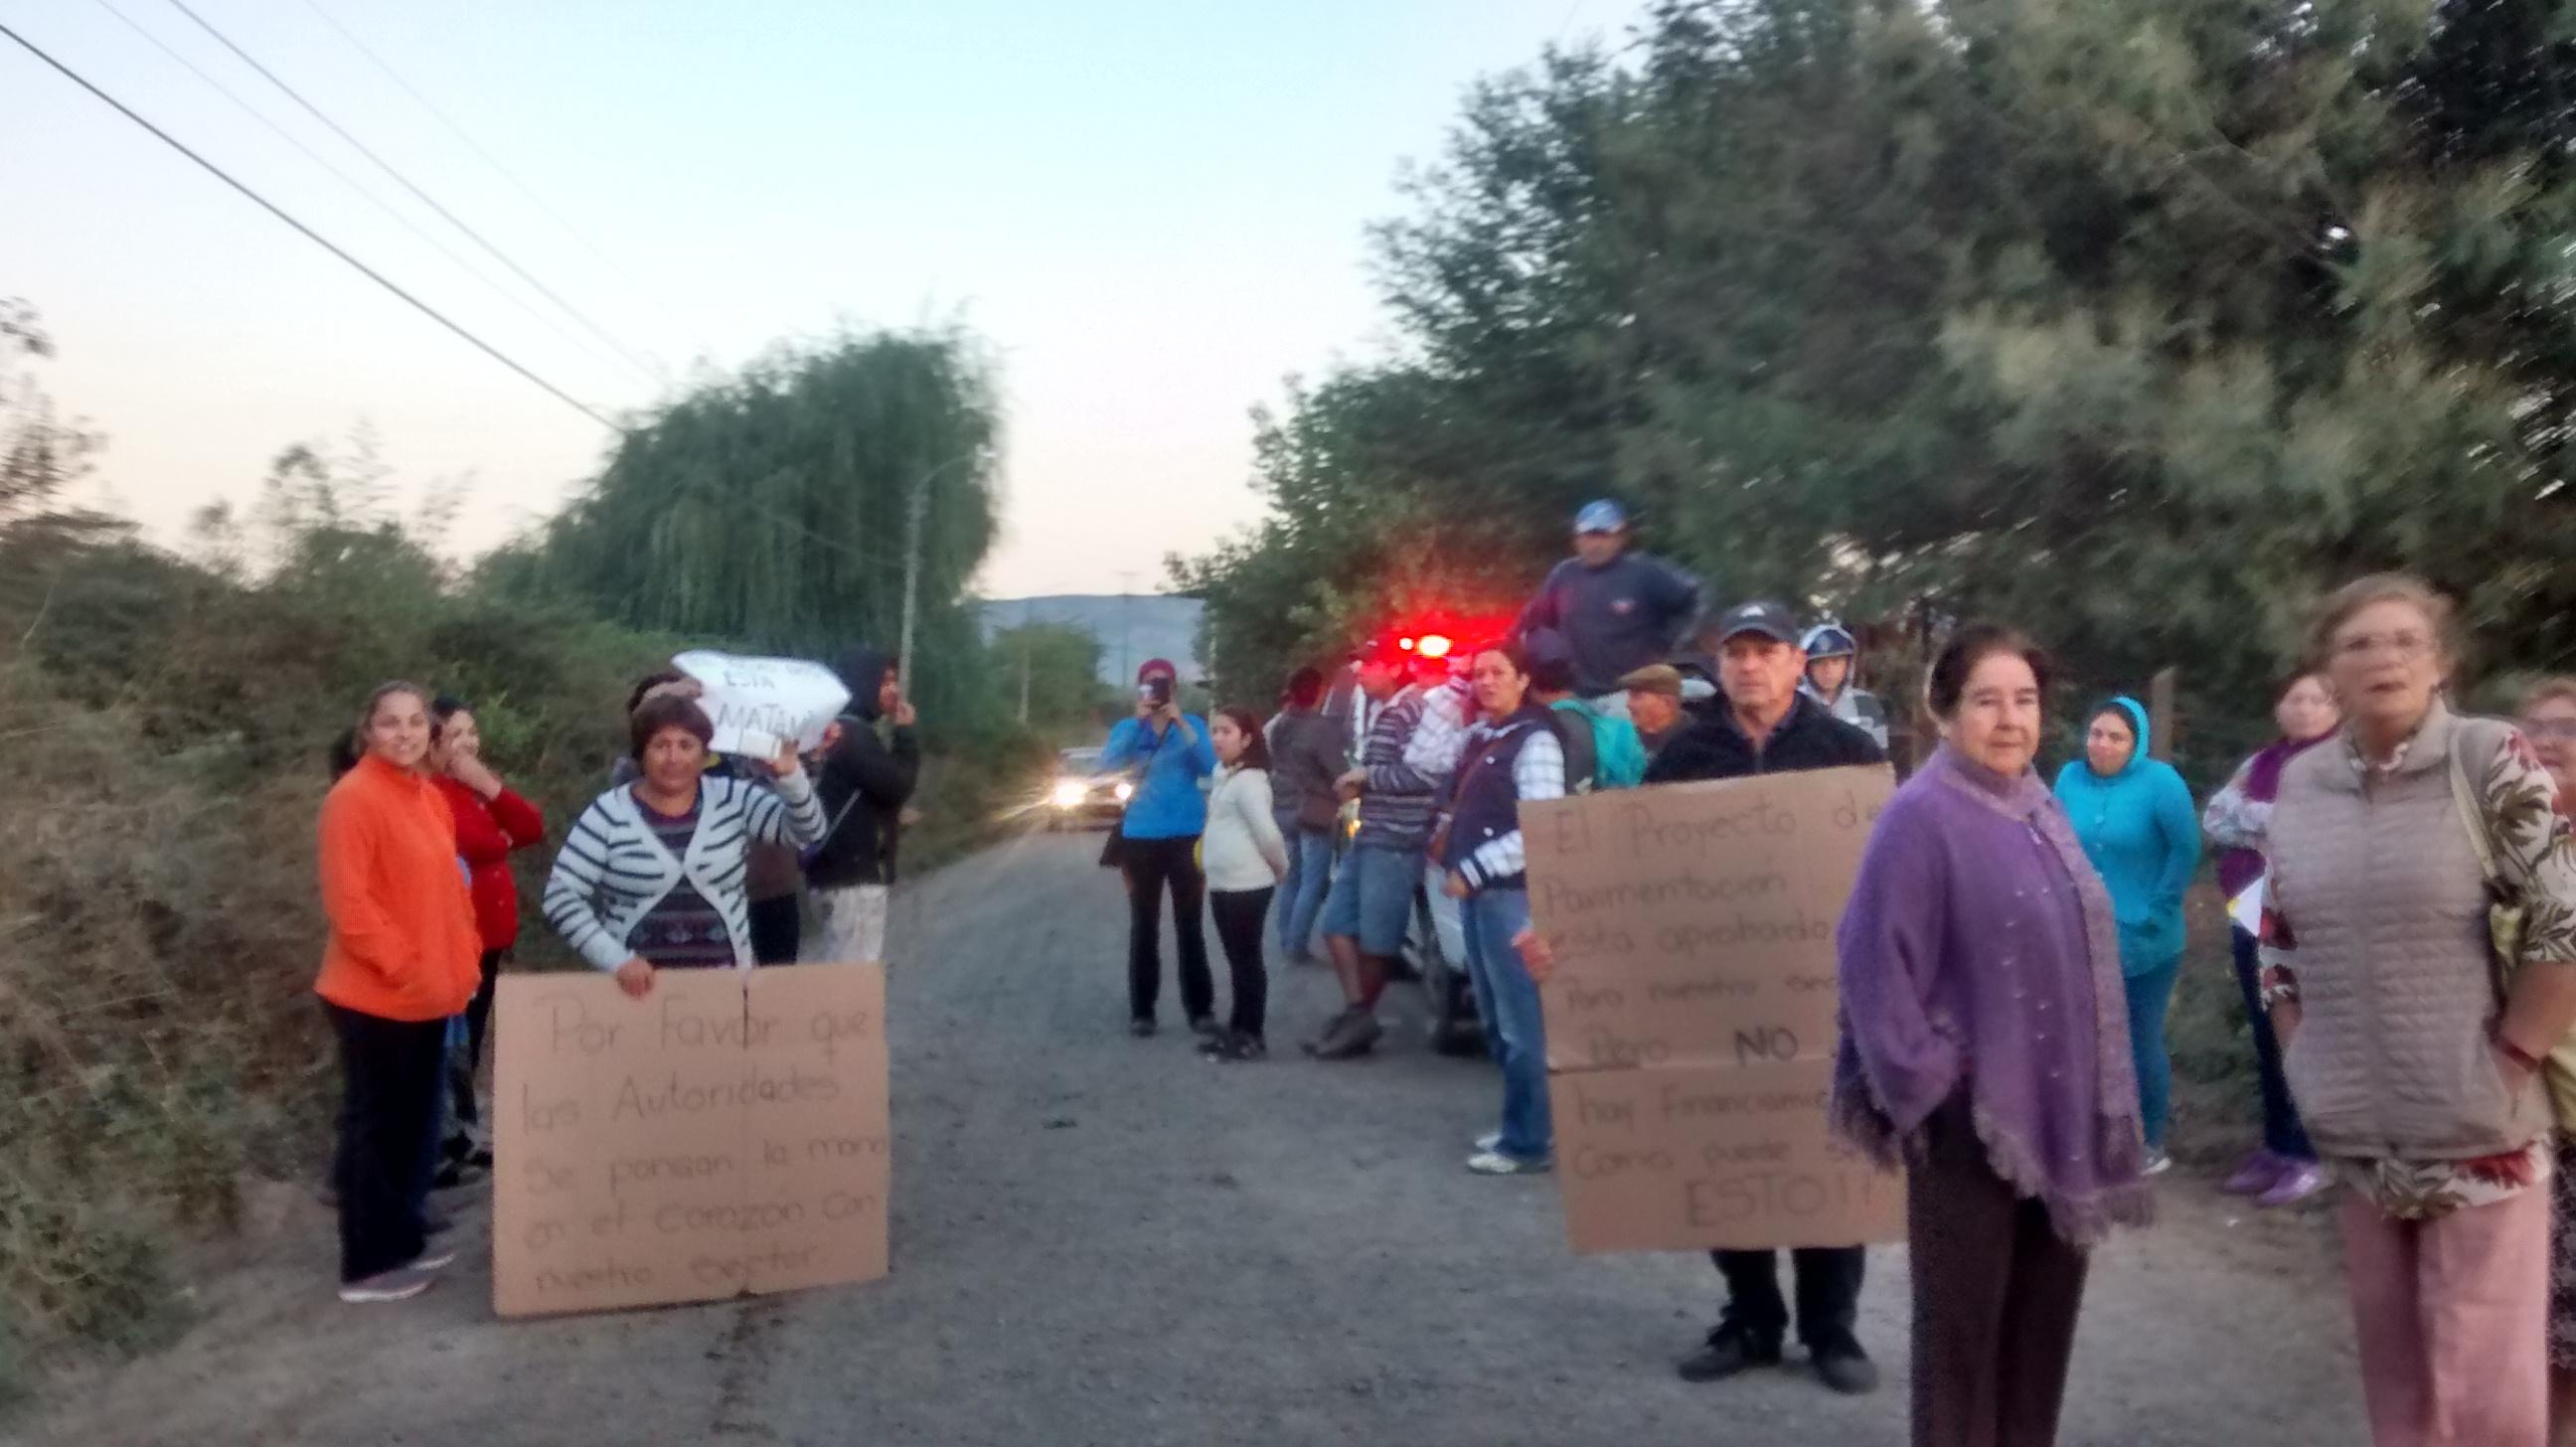 Sin detenidos finalizó nueva toma de la ruta rural K-511 Altos de Lircay en Talca